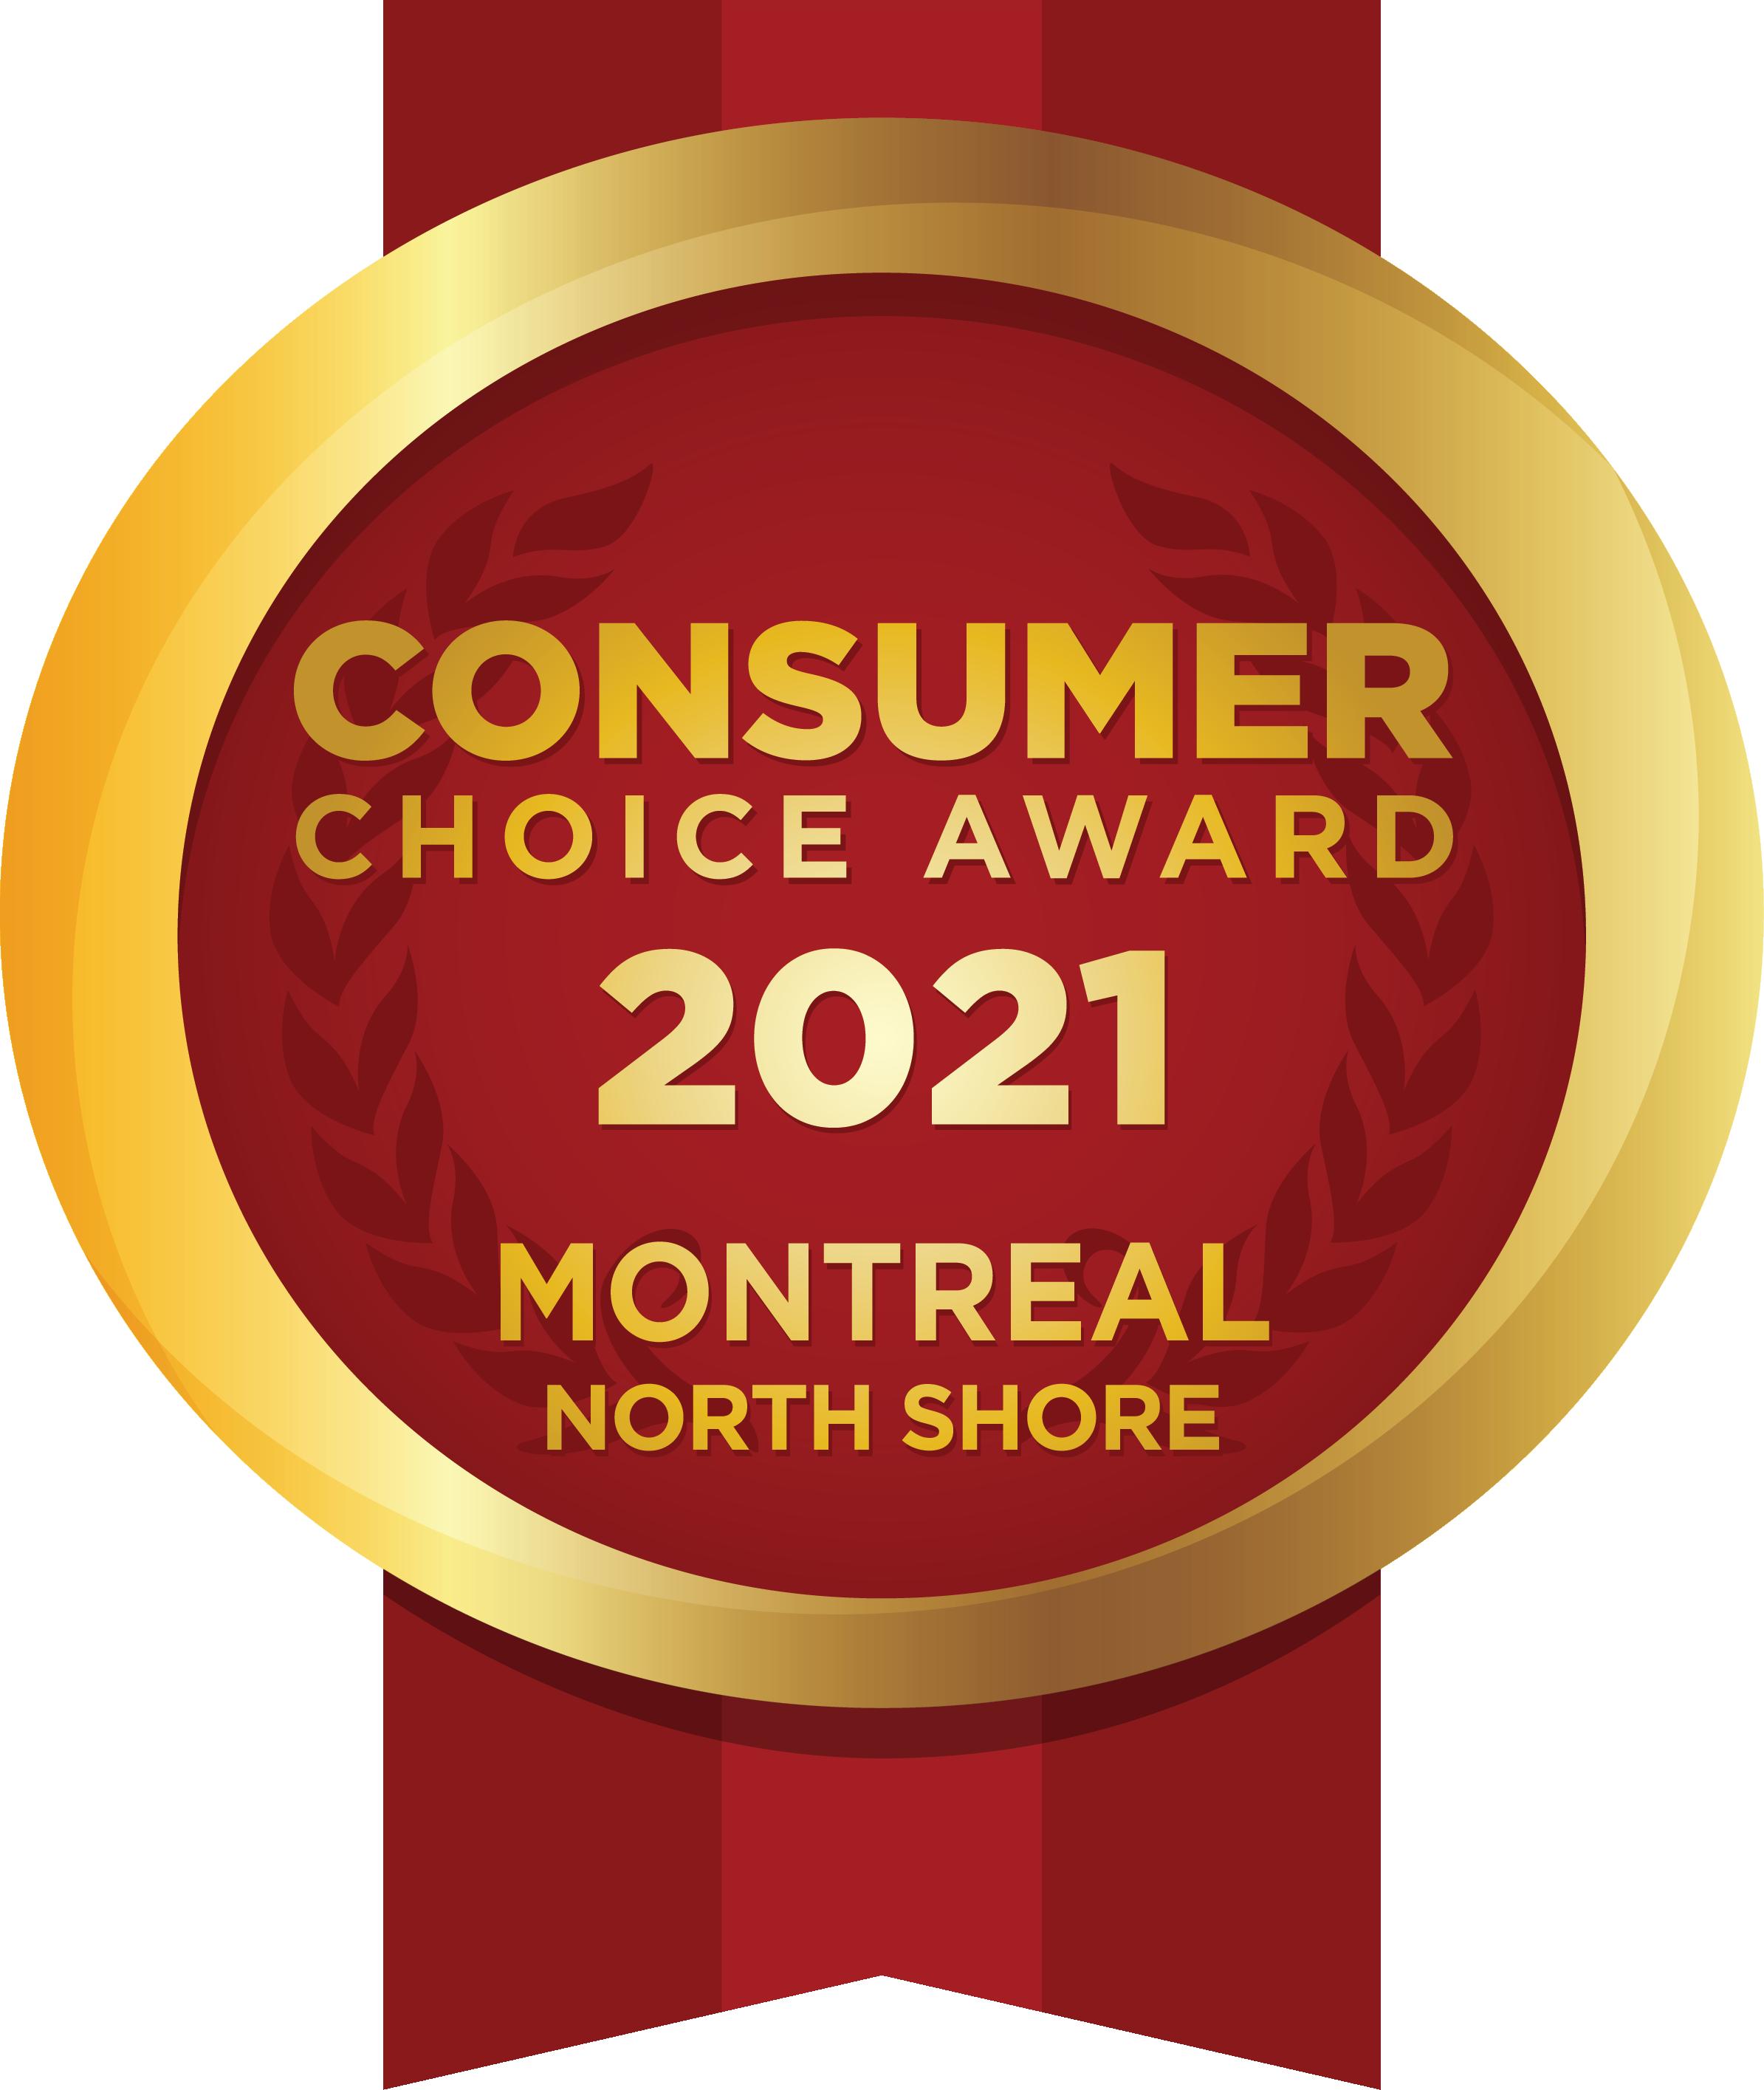 North shore 2021